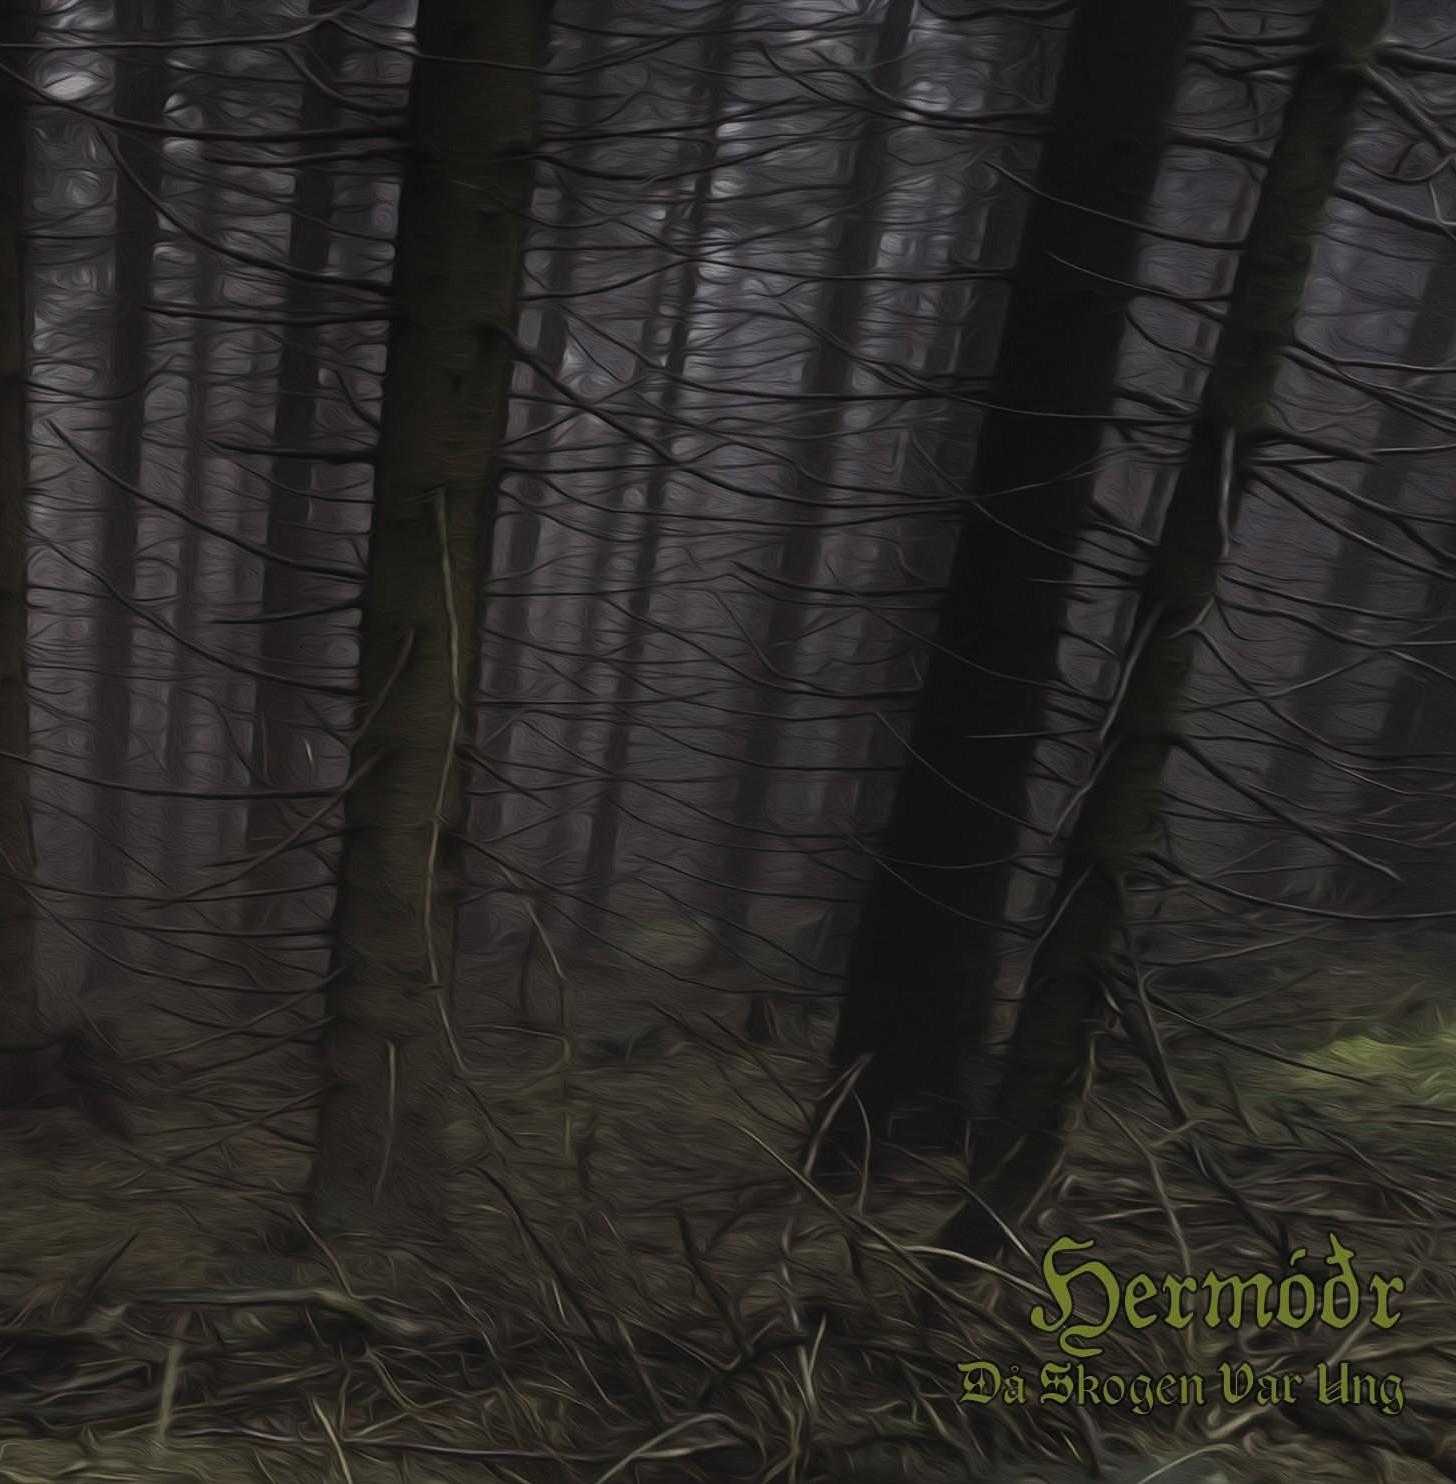 HERMÓÐR - Då Skogen Var Ung